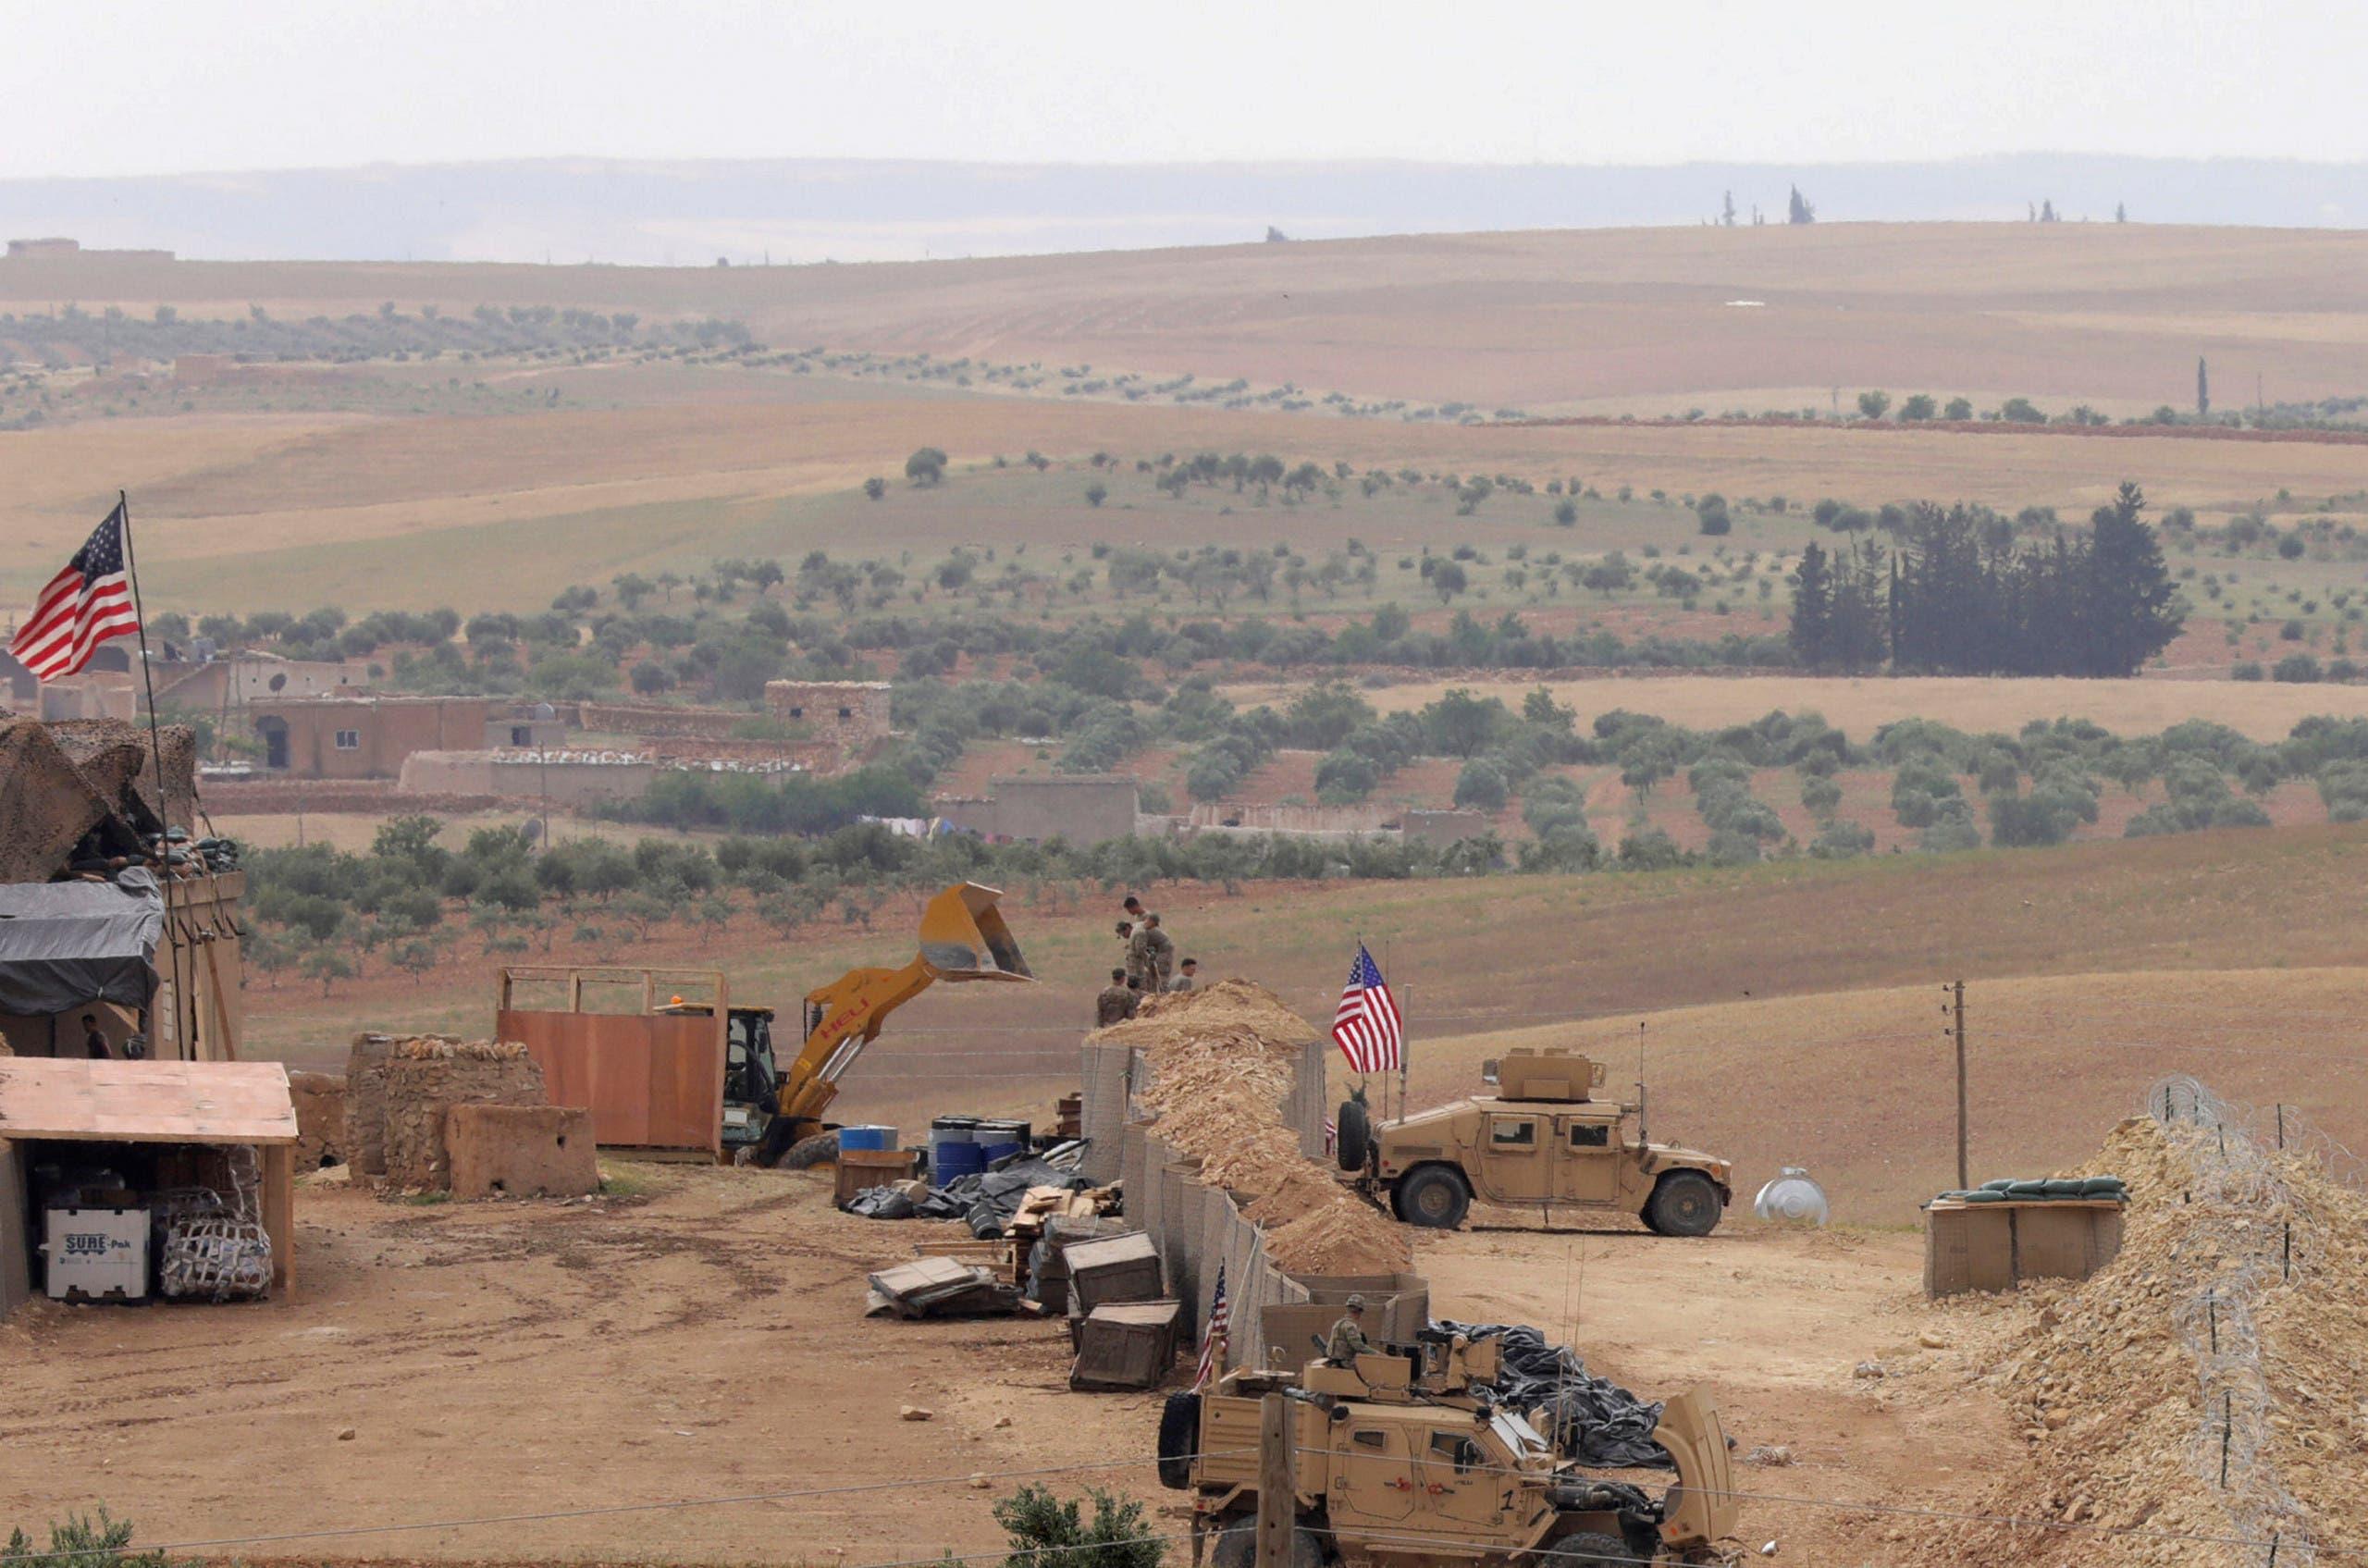 قوات أميركية في قاعدة في منبج بسوريا يوم الثامن من مايو أيار 2018